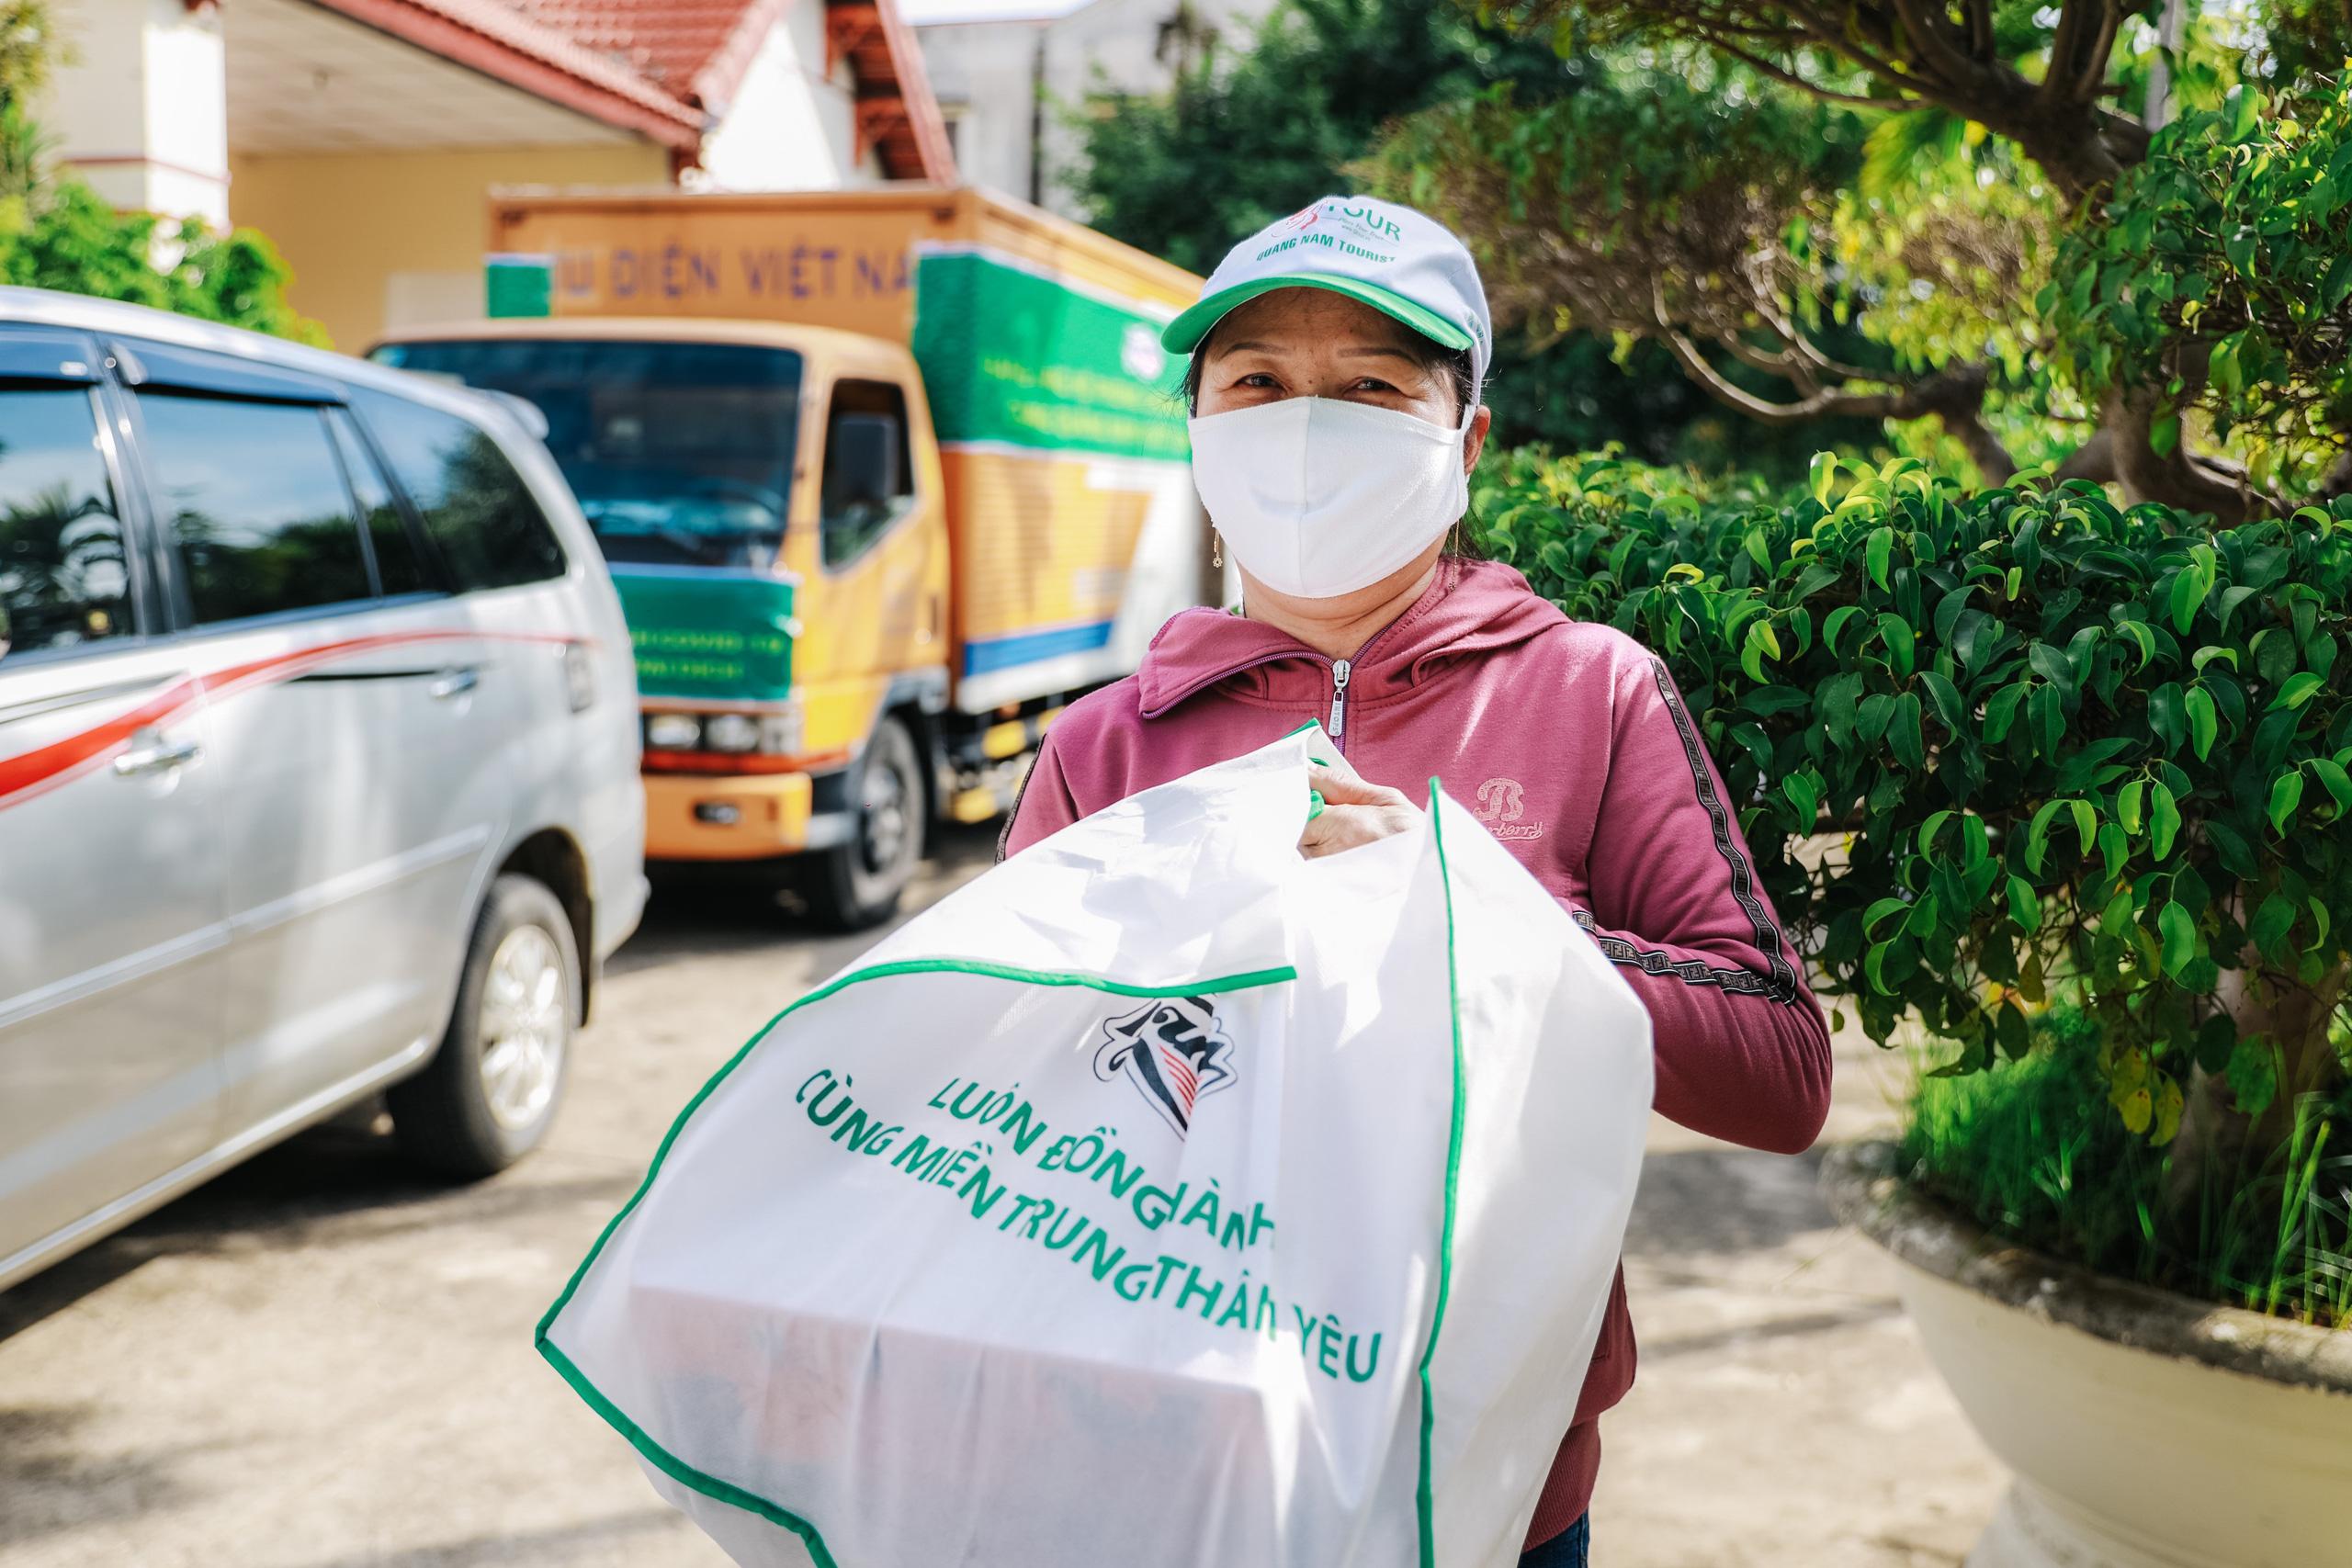 Carlsberg Việt Nam năm thứ 3 đưa nước sạch đến với 4 tỉnh miền Trung - Ảnh 2.